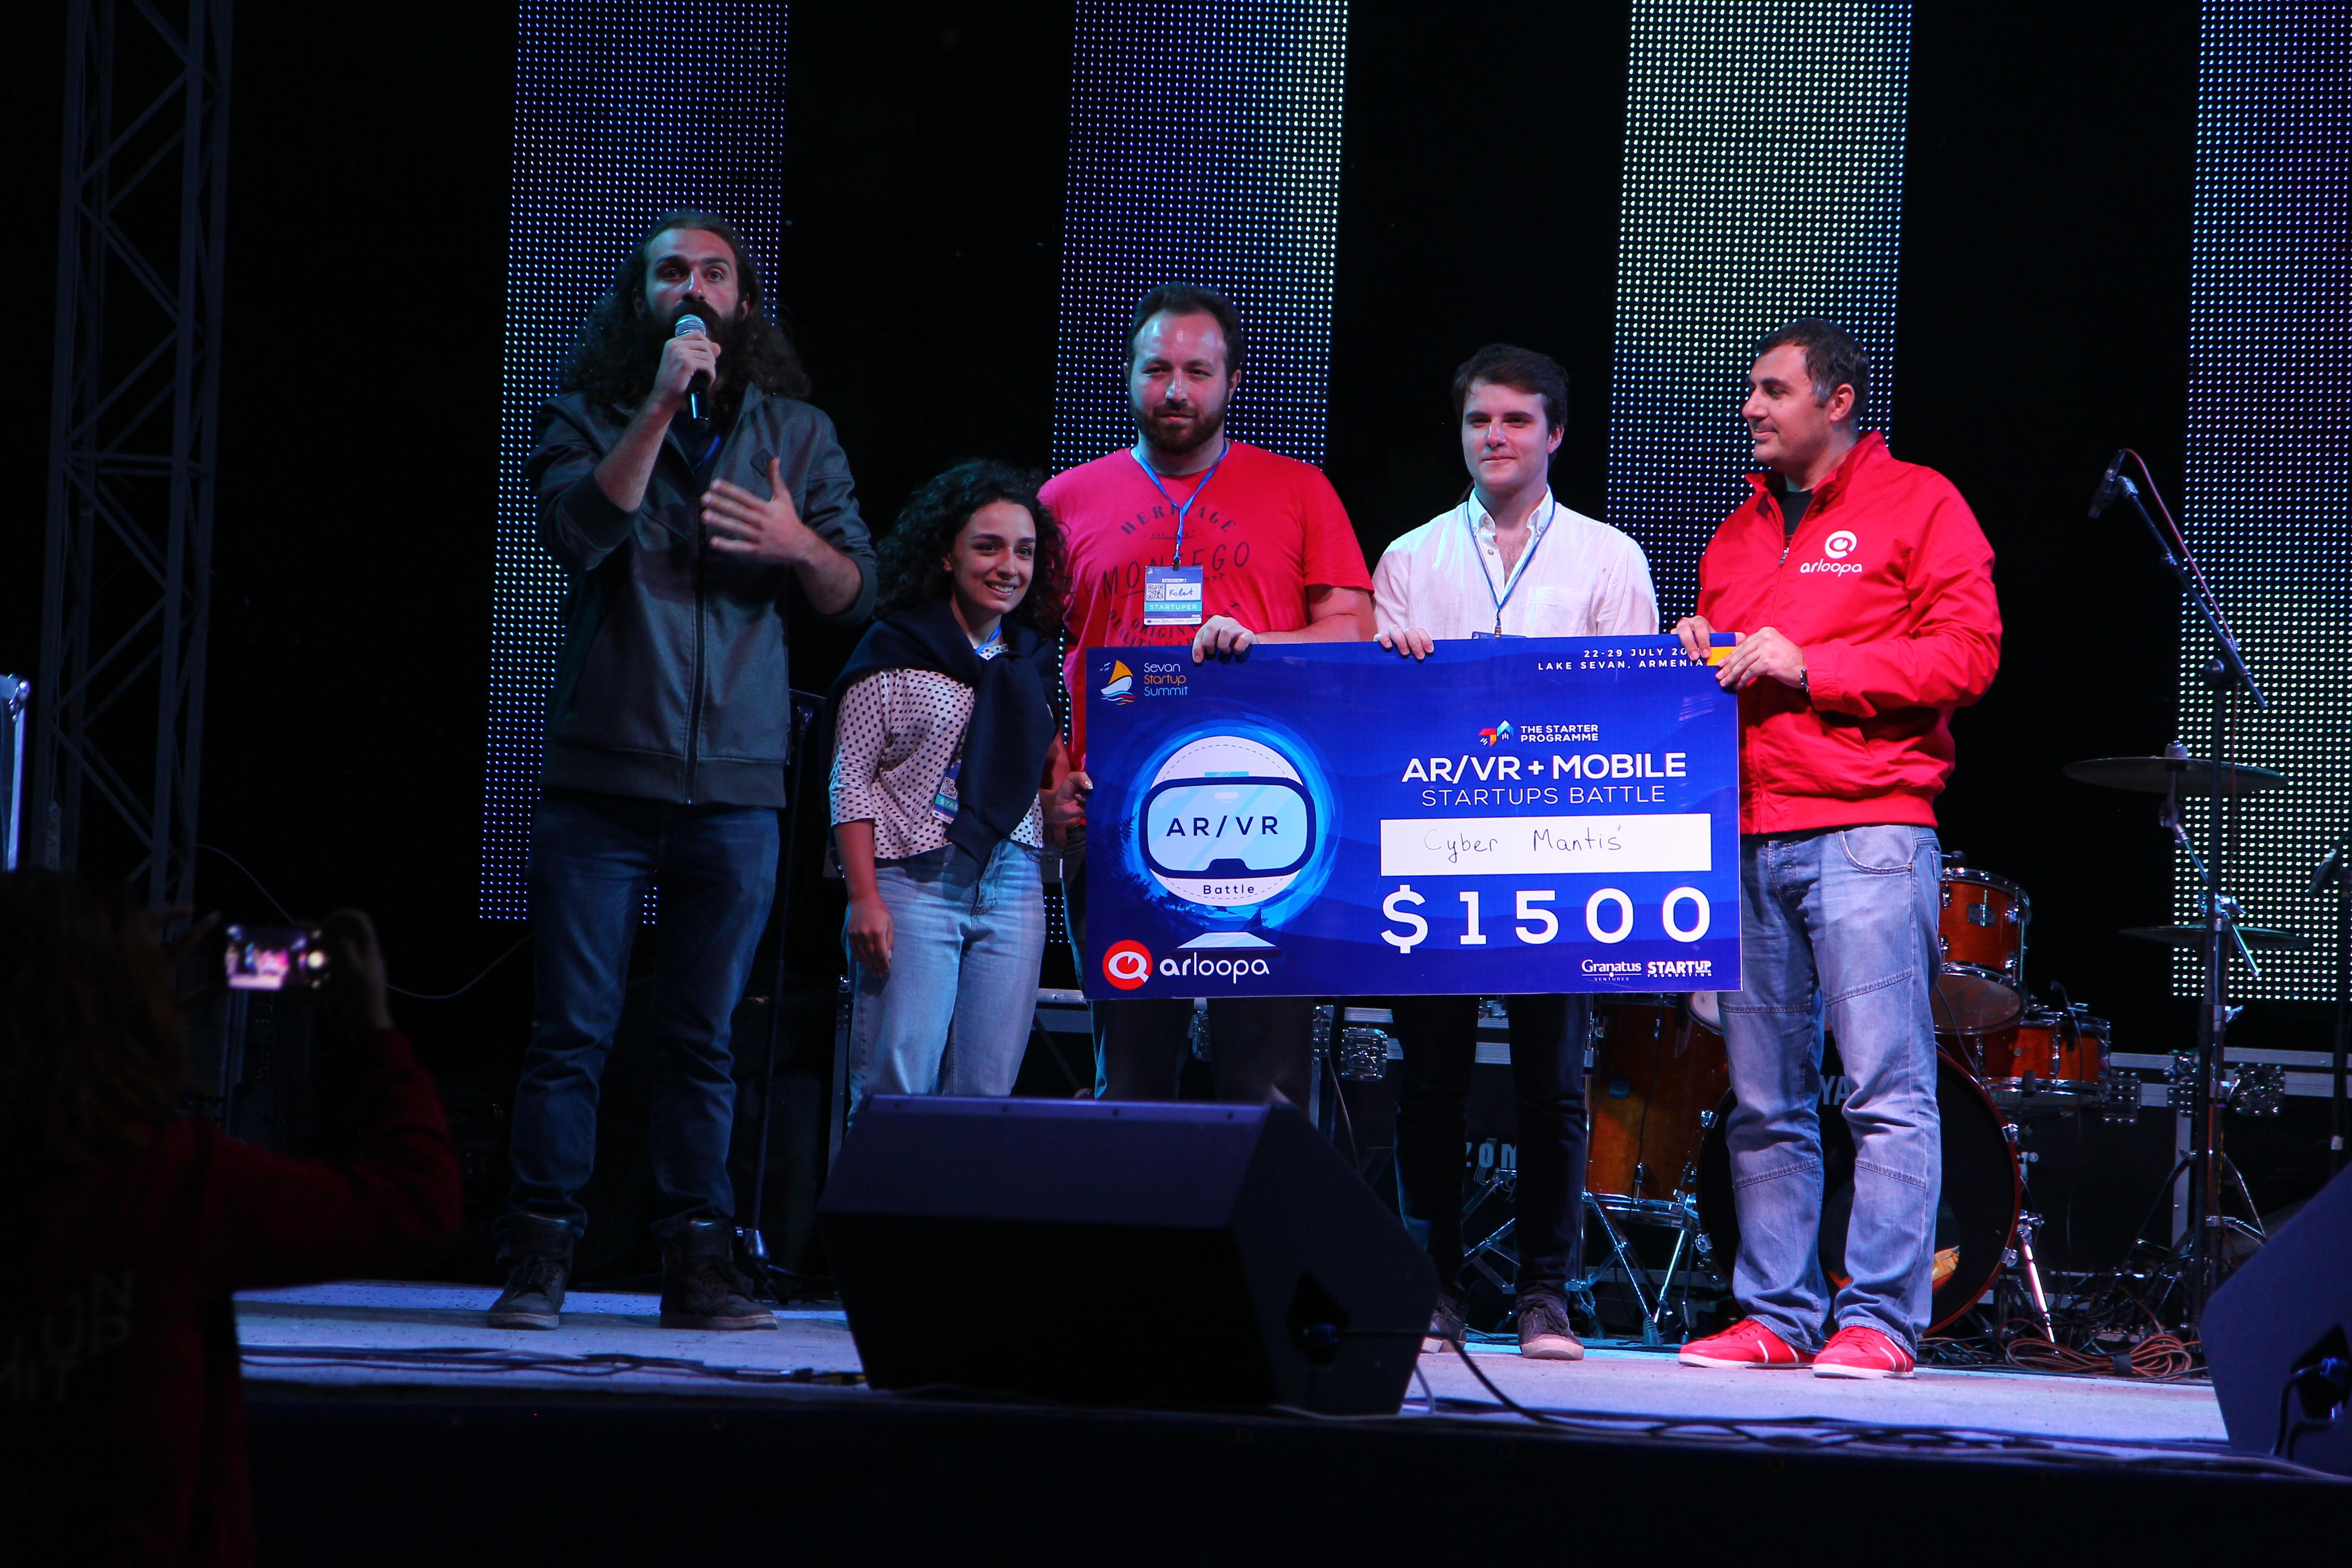 Beeline Ստարտափ Ինկուբատորի 4 ռեզիդենտ մրցանակ է ստացել Սևան Ստարտափ Սամմիթ 2018-ին